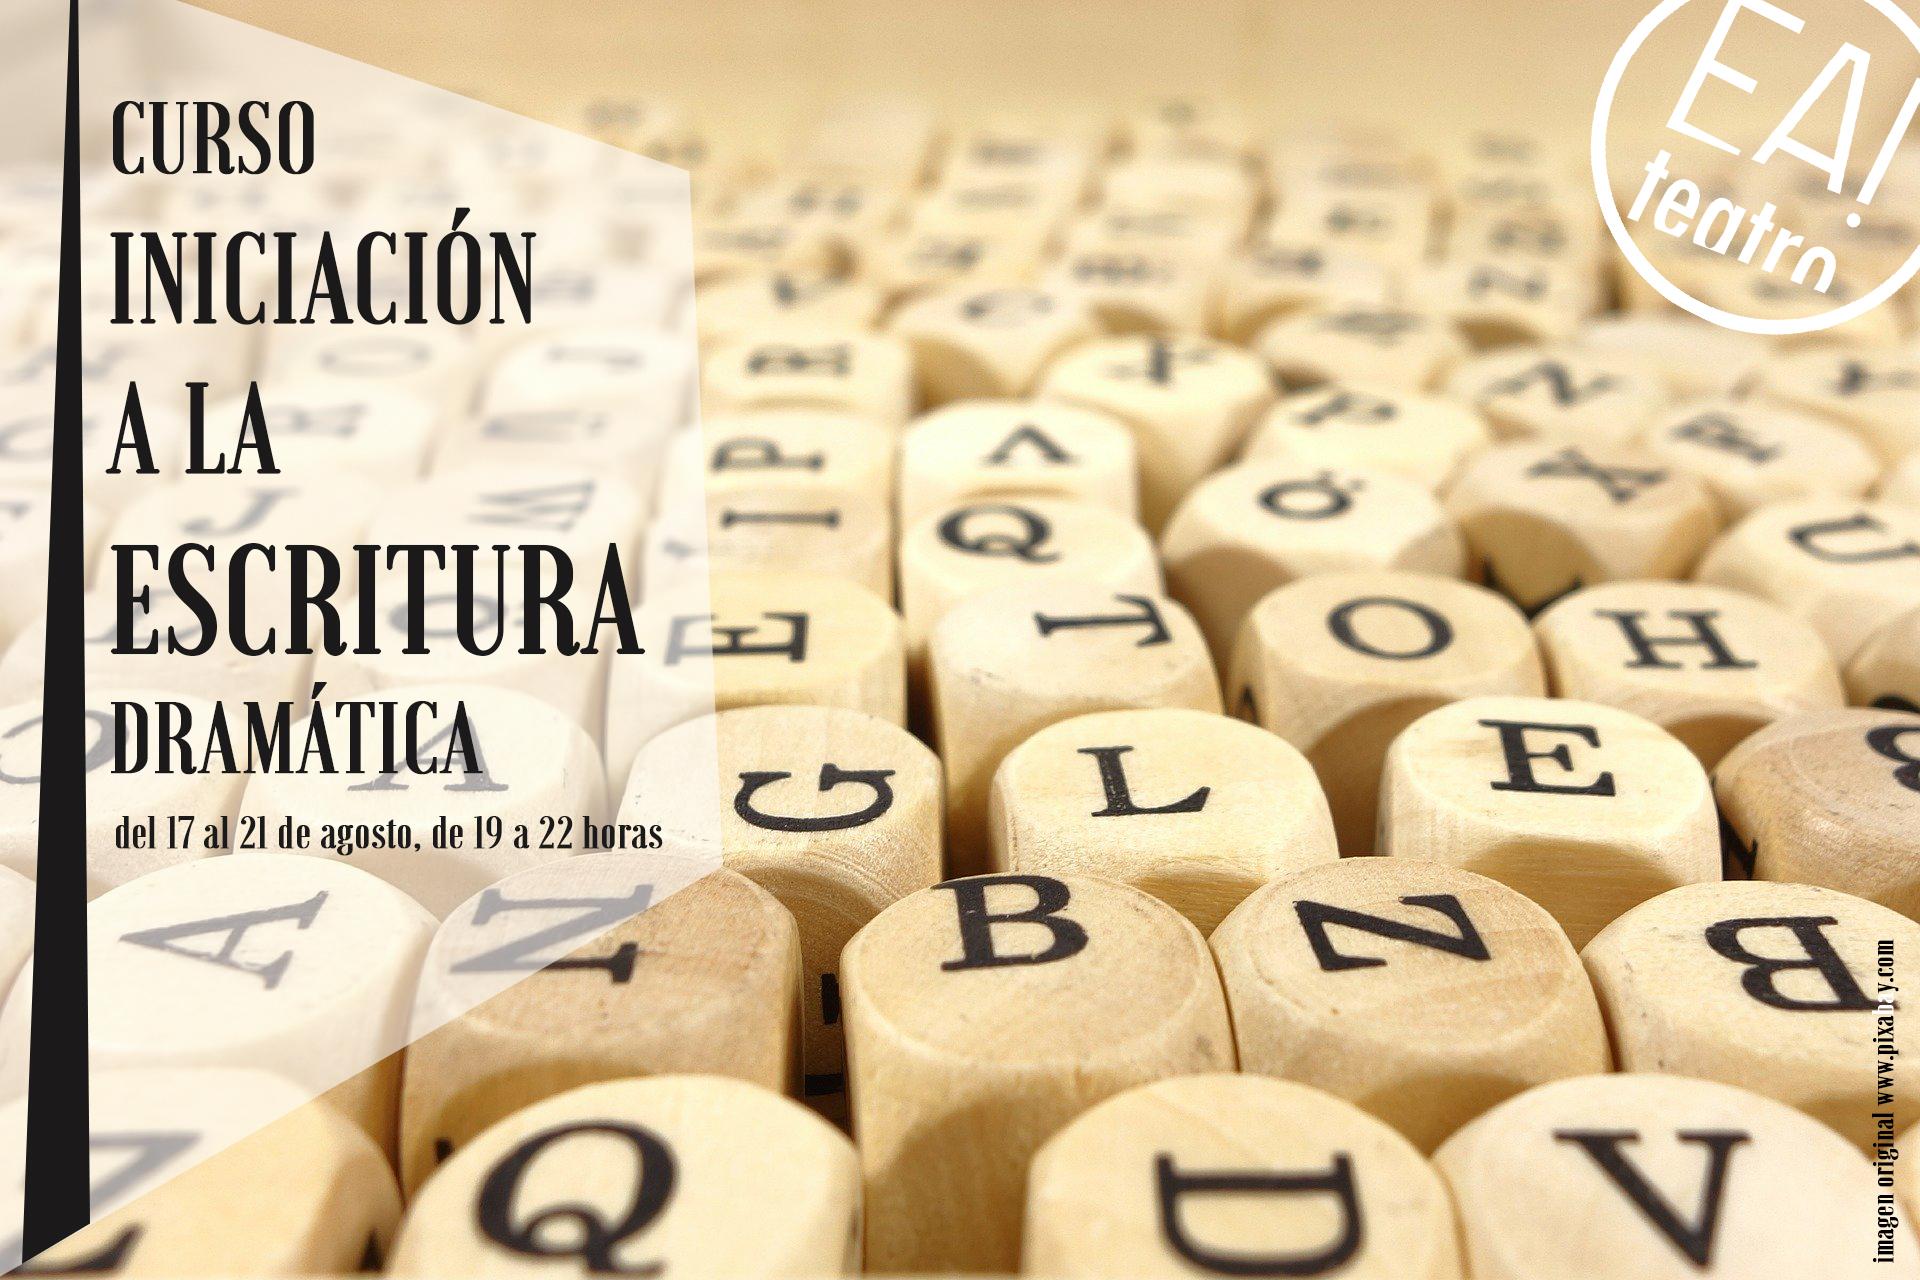 CURSO DE INICIACIÓN A LA ESCRITURA DRAMÁTICA